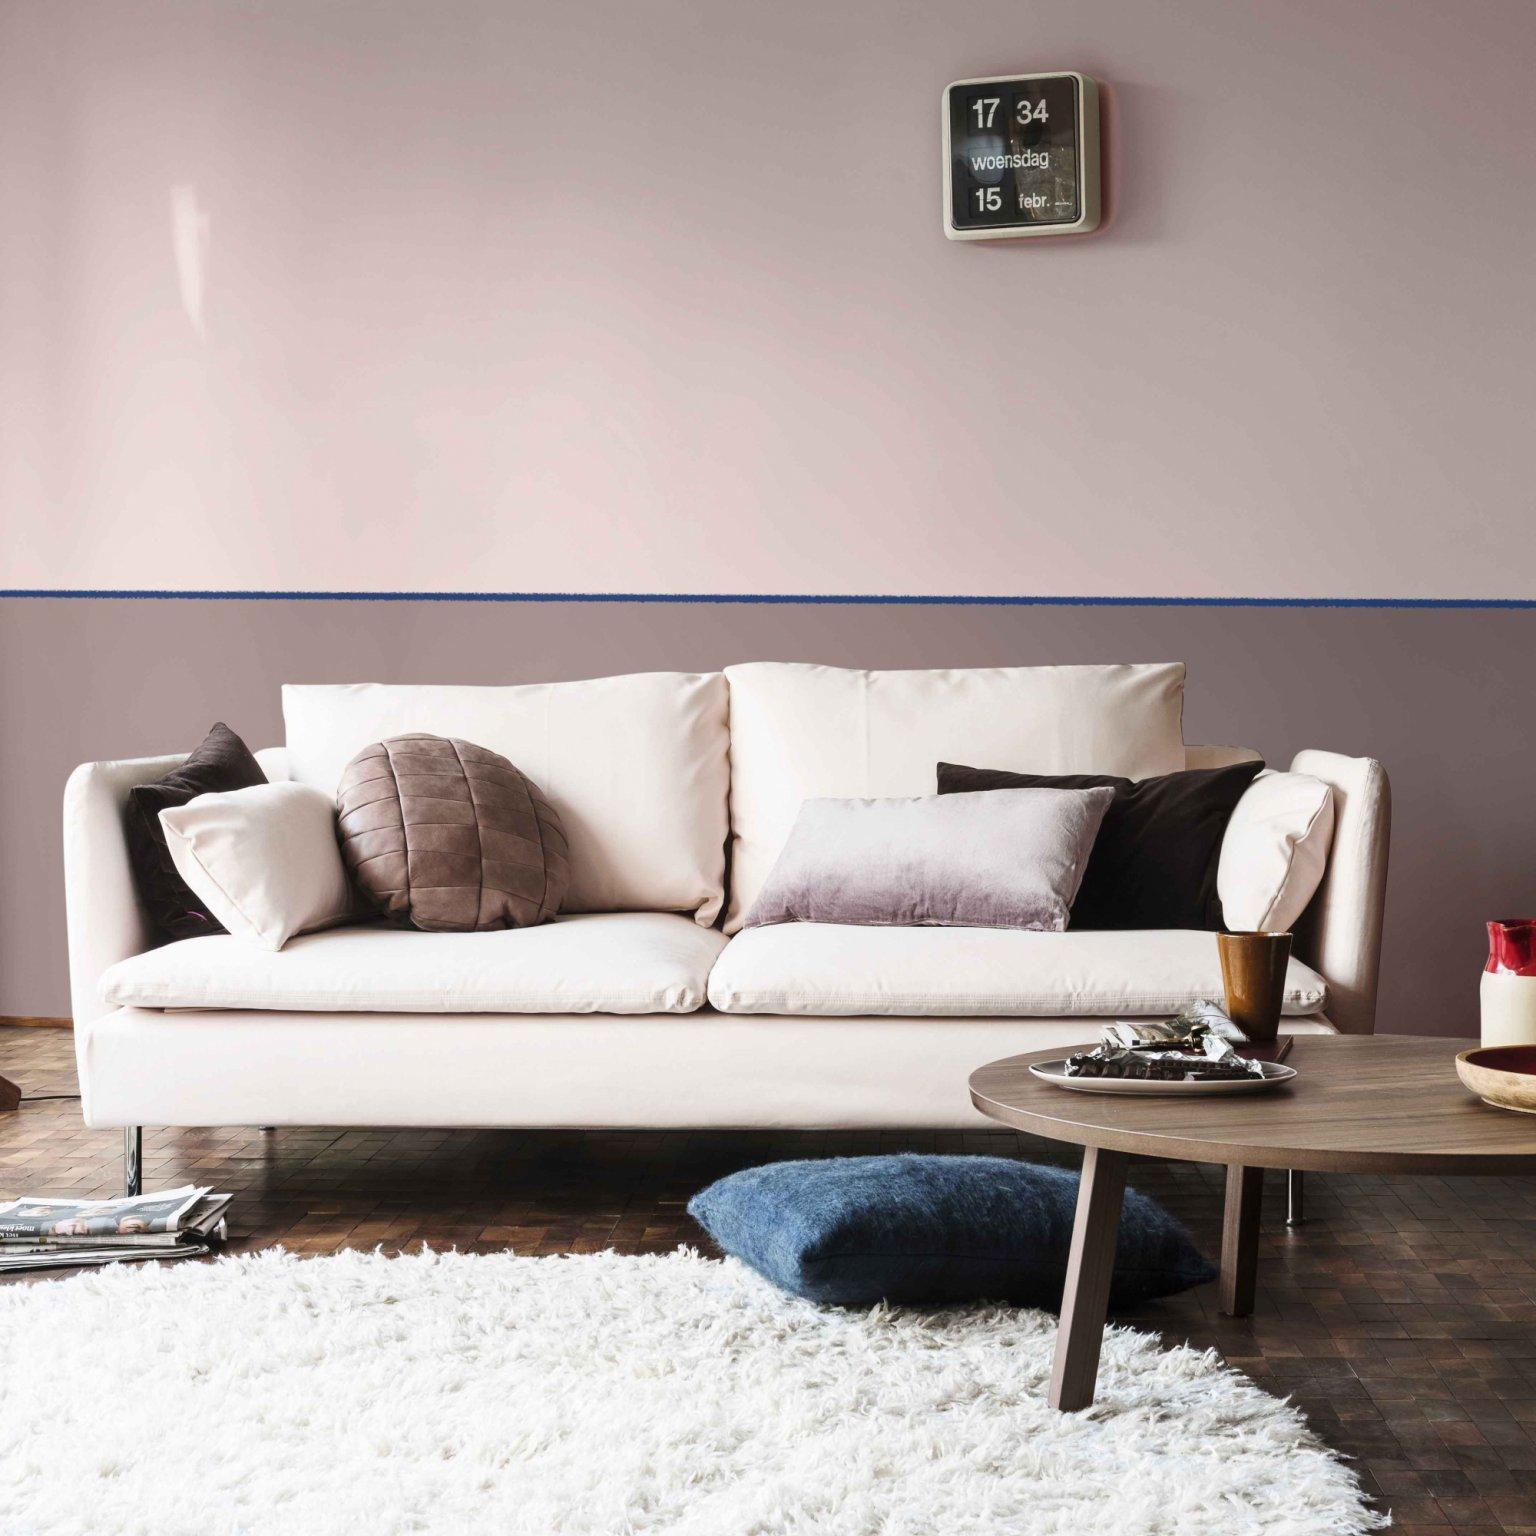 Le brun cachemire élu couleur de l'année 2018 salon scandinave